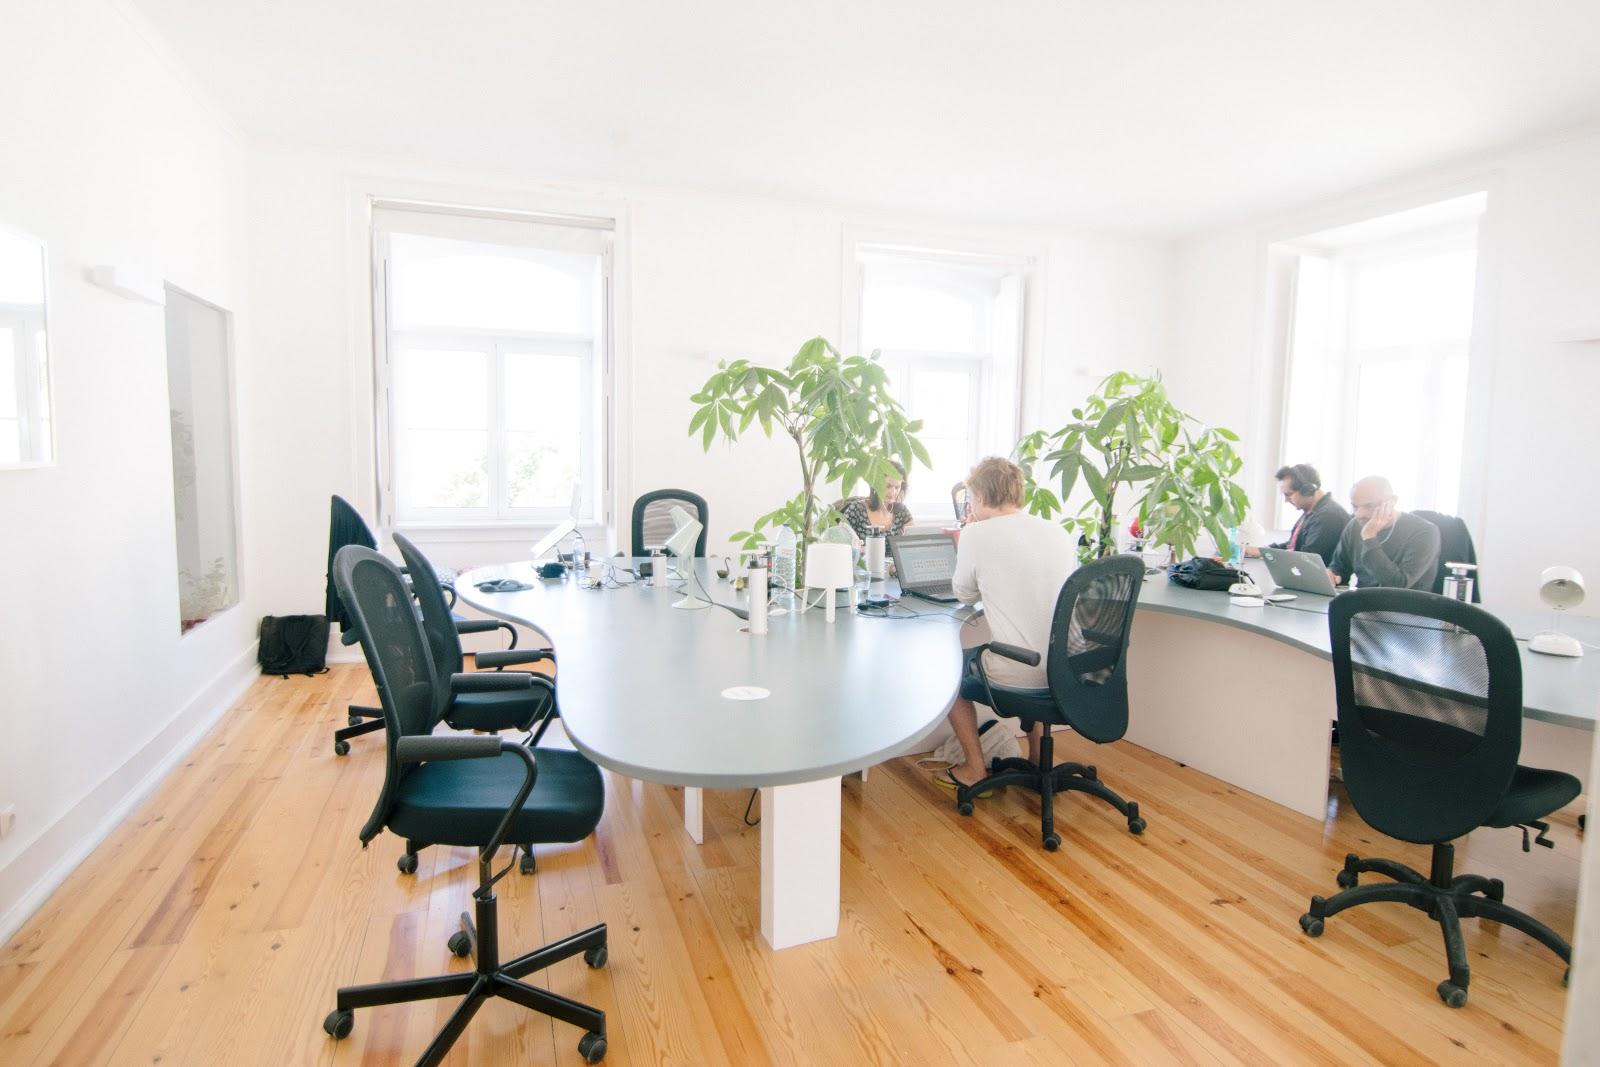 Bureau avec parquet chaises noires vies et grandes plantes vertes